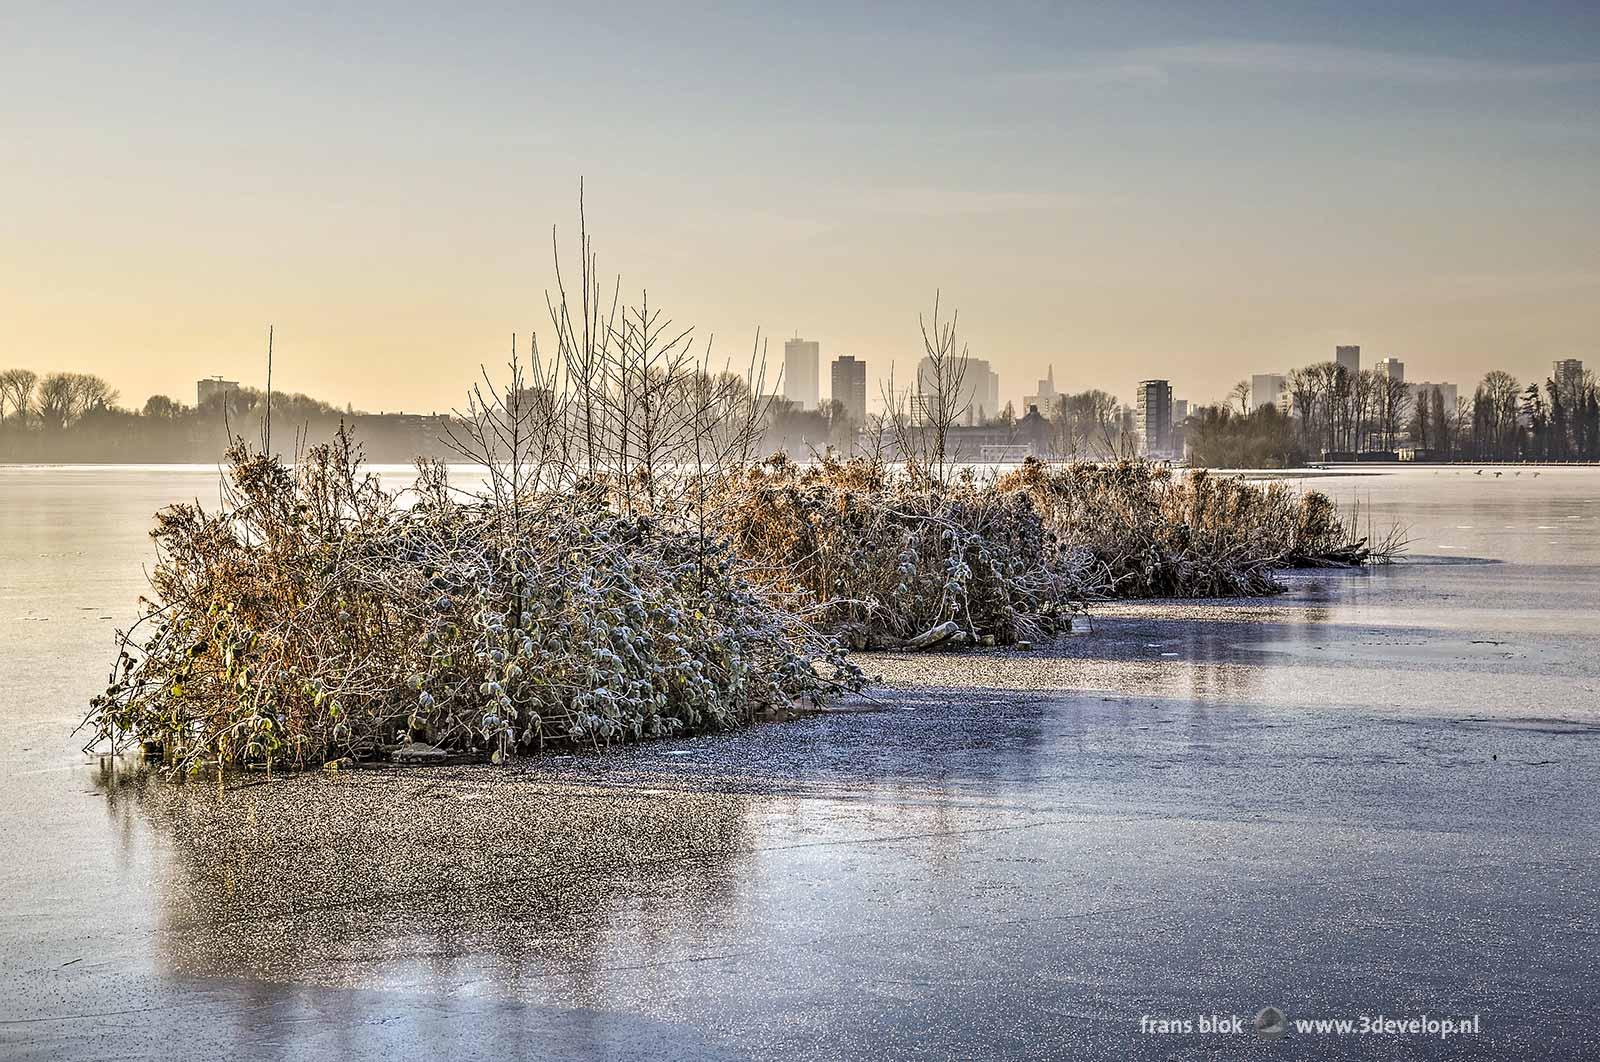 Foto van een aantal begroeide en met rijp bedekte eilandjes in de grotendeel bevroren Kralingse Plas met de skyline van Rotterdam op de achtergrond